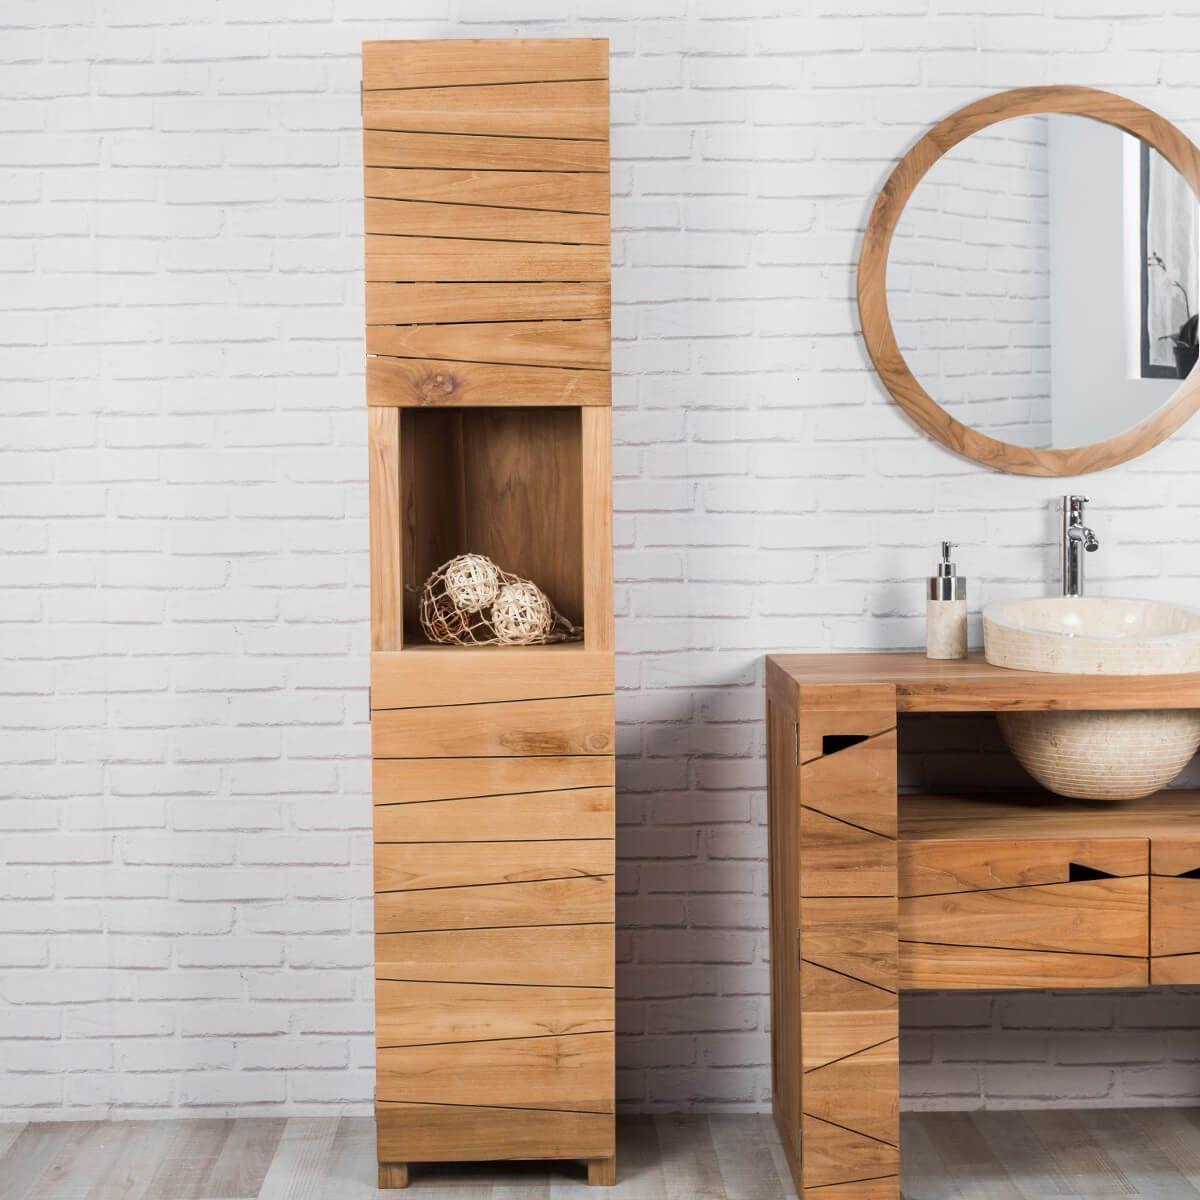 colonne salle de bain en teck massif harmonie 190cm collection salle de bain s r nit. Black Bedroom Furniture Sets. Home Design Ideas